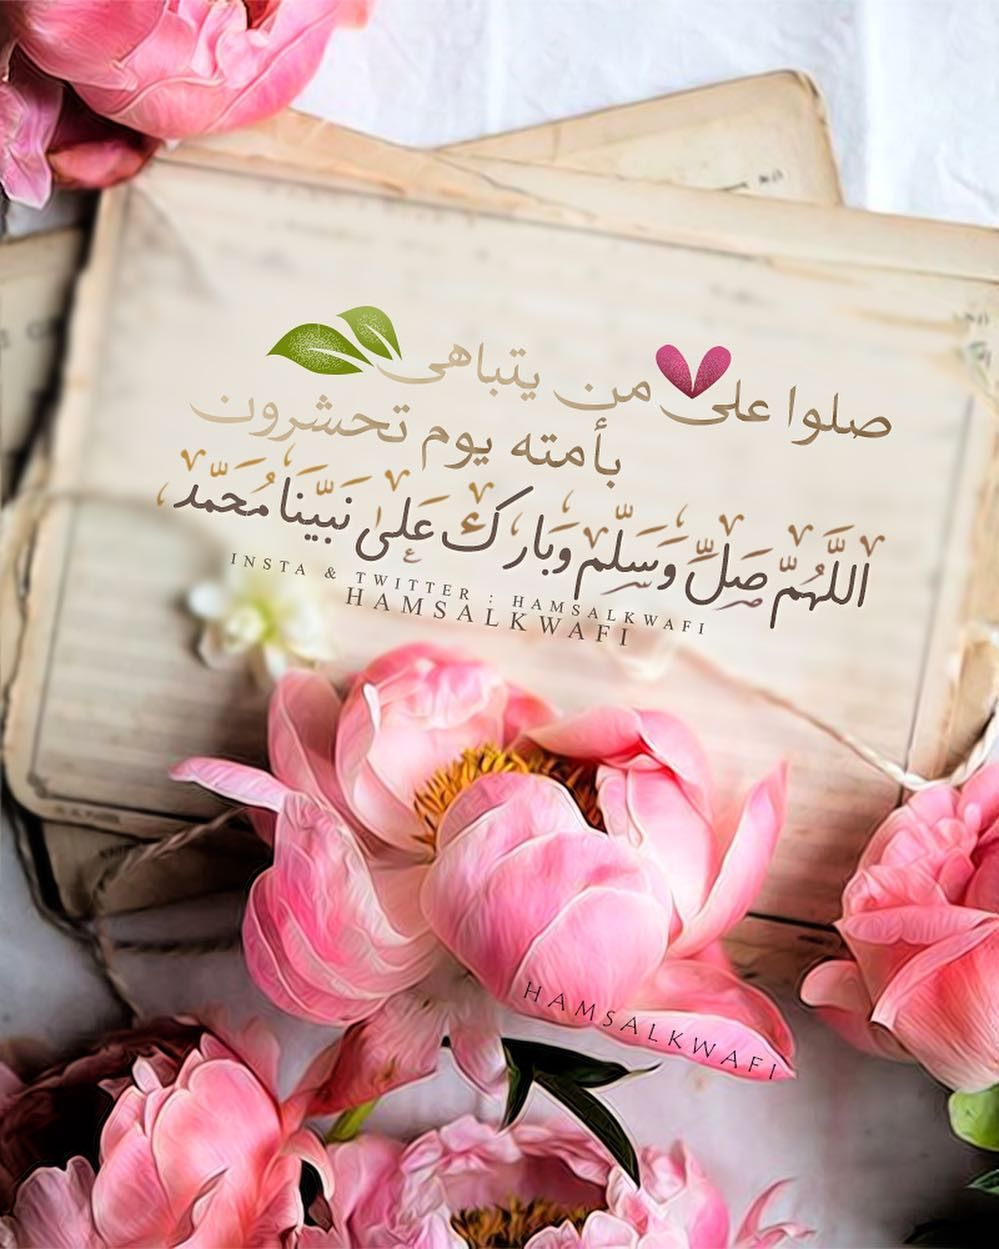 كہ ن ذا أثہ ـر On Instagram اللهم صل وسلم على نبينا محمد يوم الجمعة Islamic Images Mecca Wallpaper Islamic Pictures